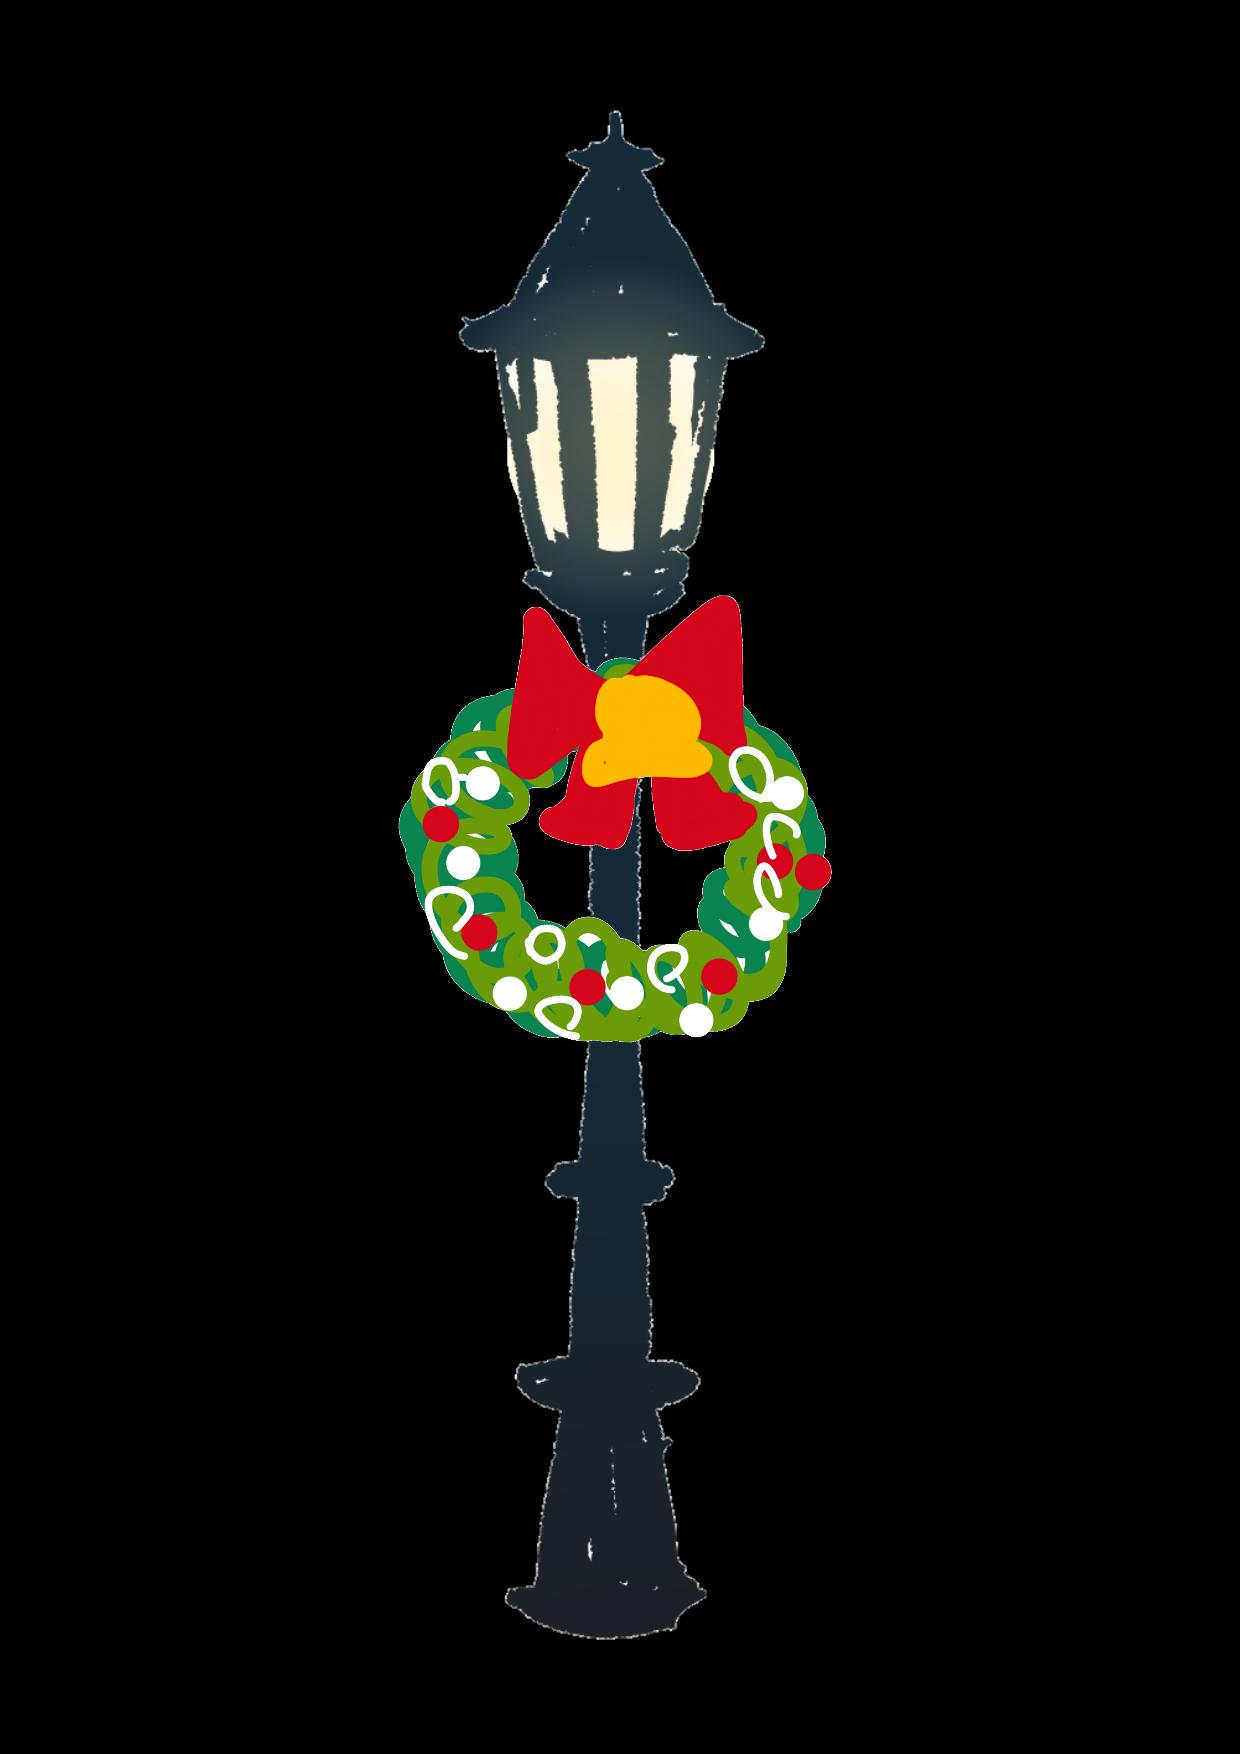 【お絵描き】クリスマスの街づくり【お絵かき】【イラスト】